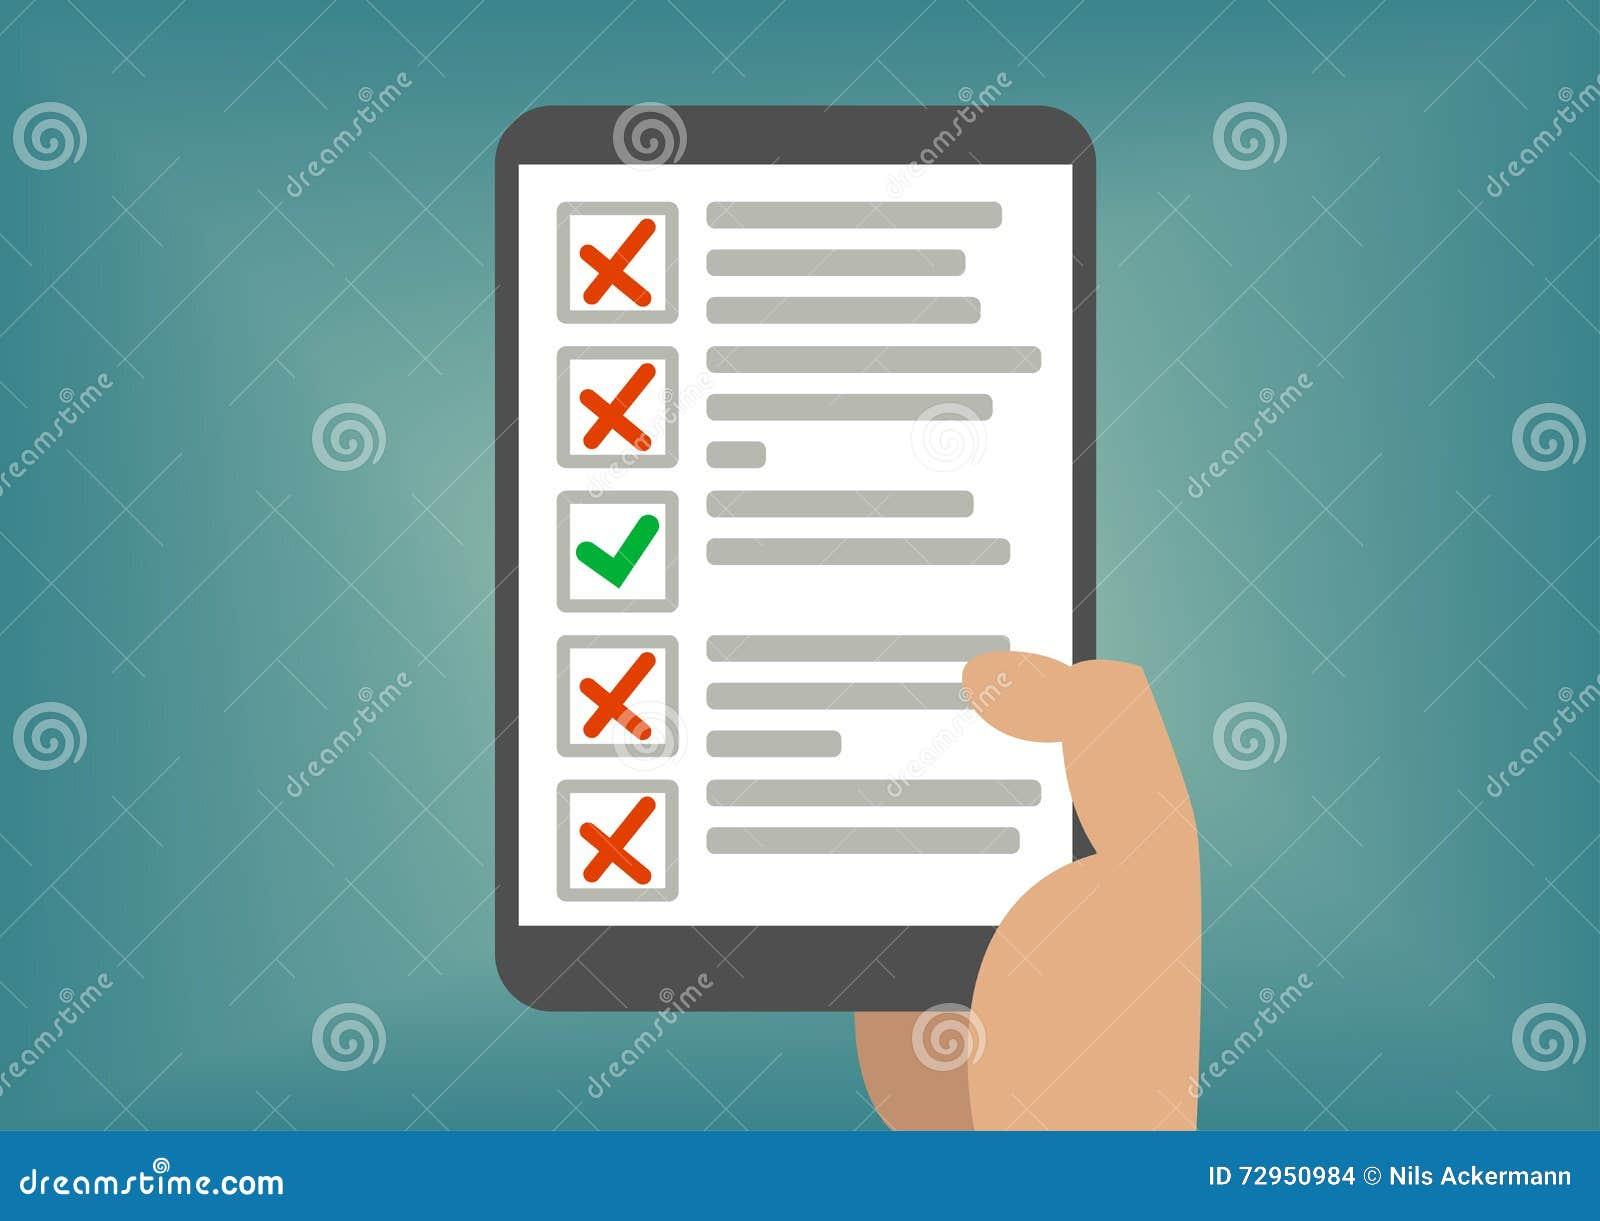 digital checklist or todo